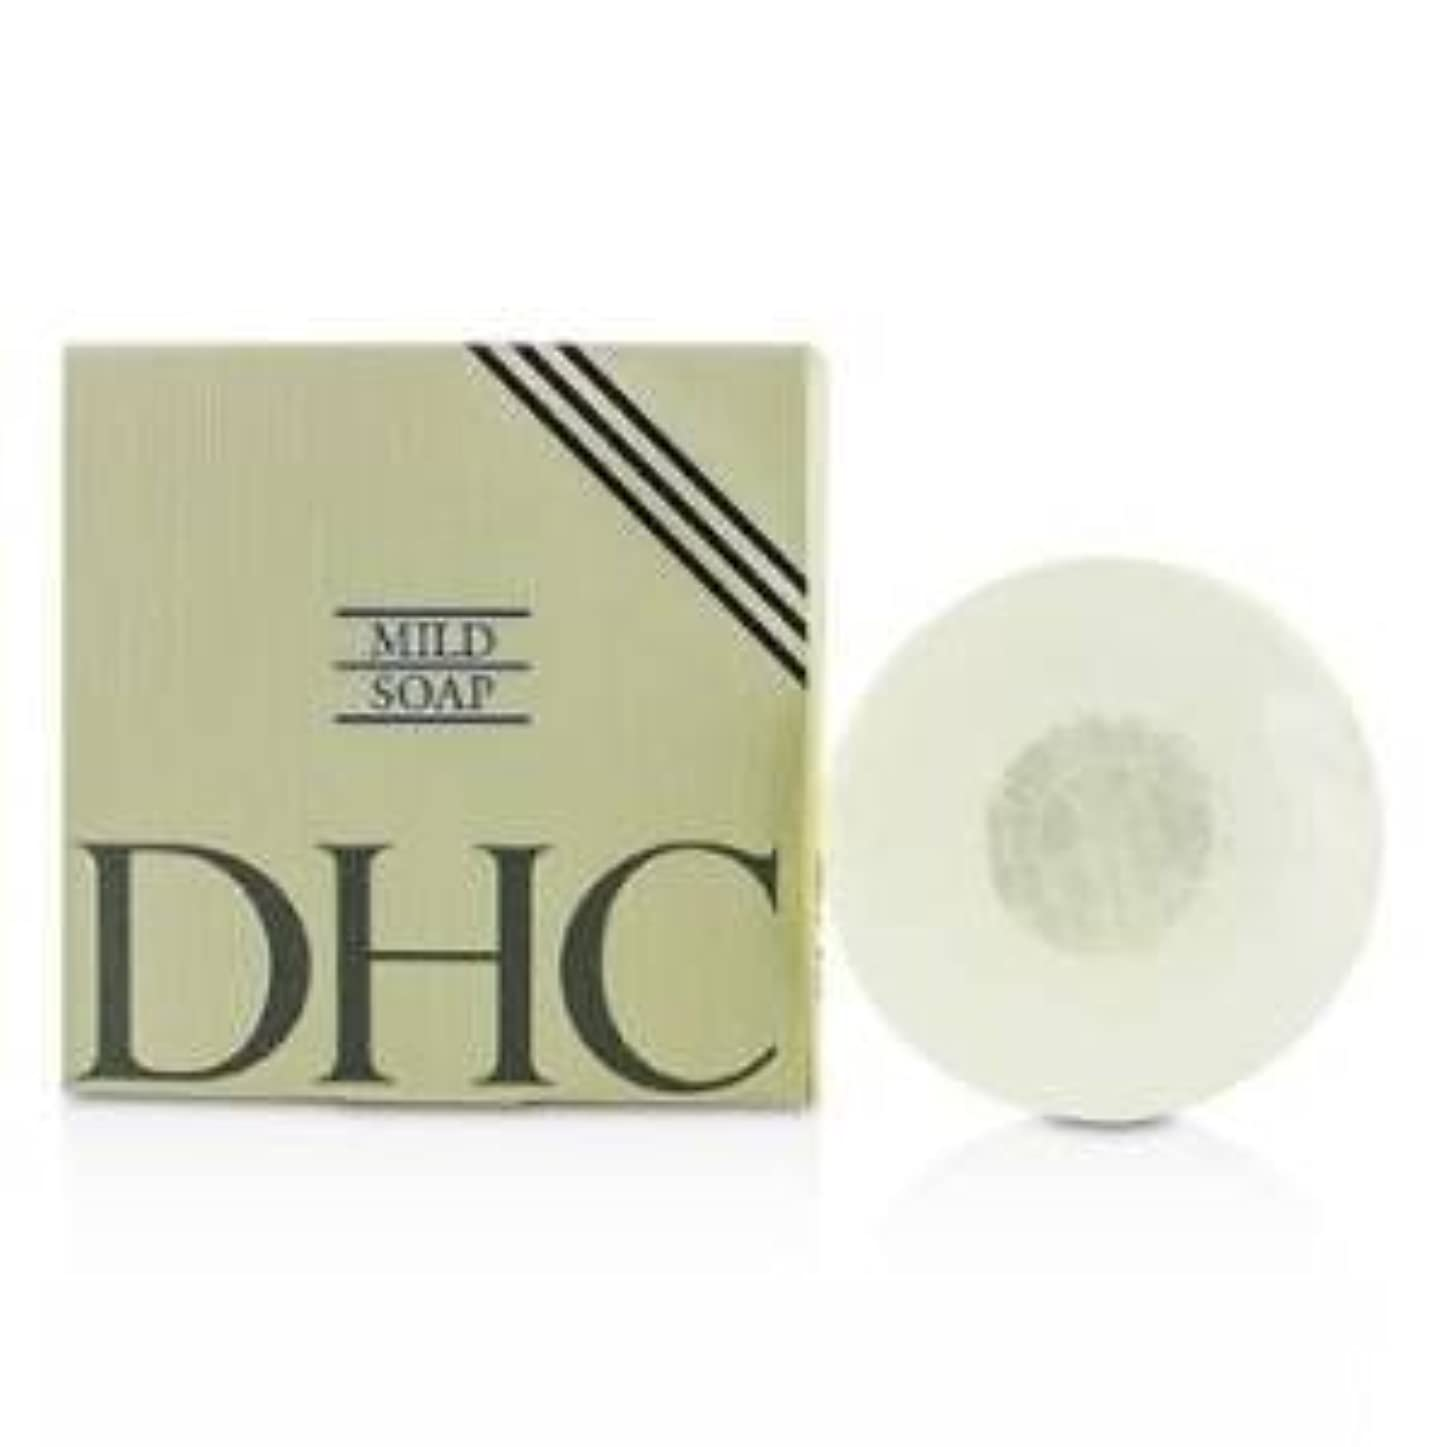 ラバせせらぎ満たすDHC マイルドソープ 6箱セット